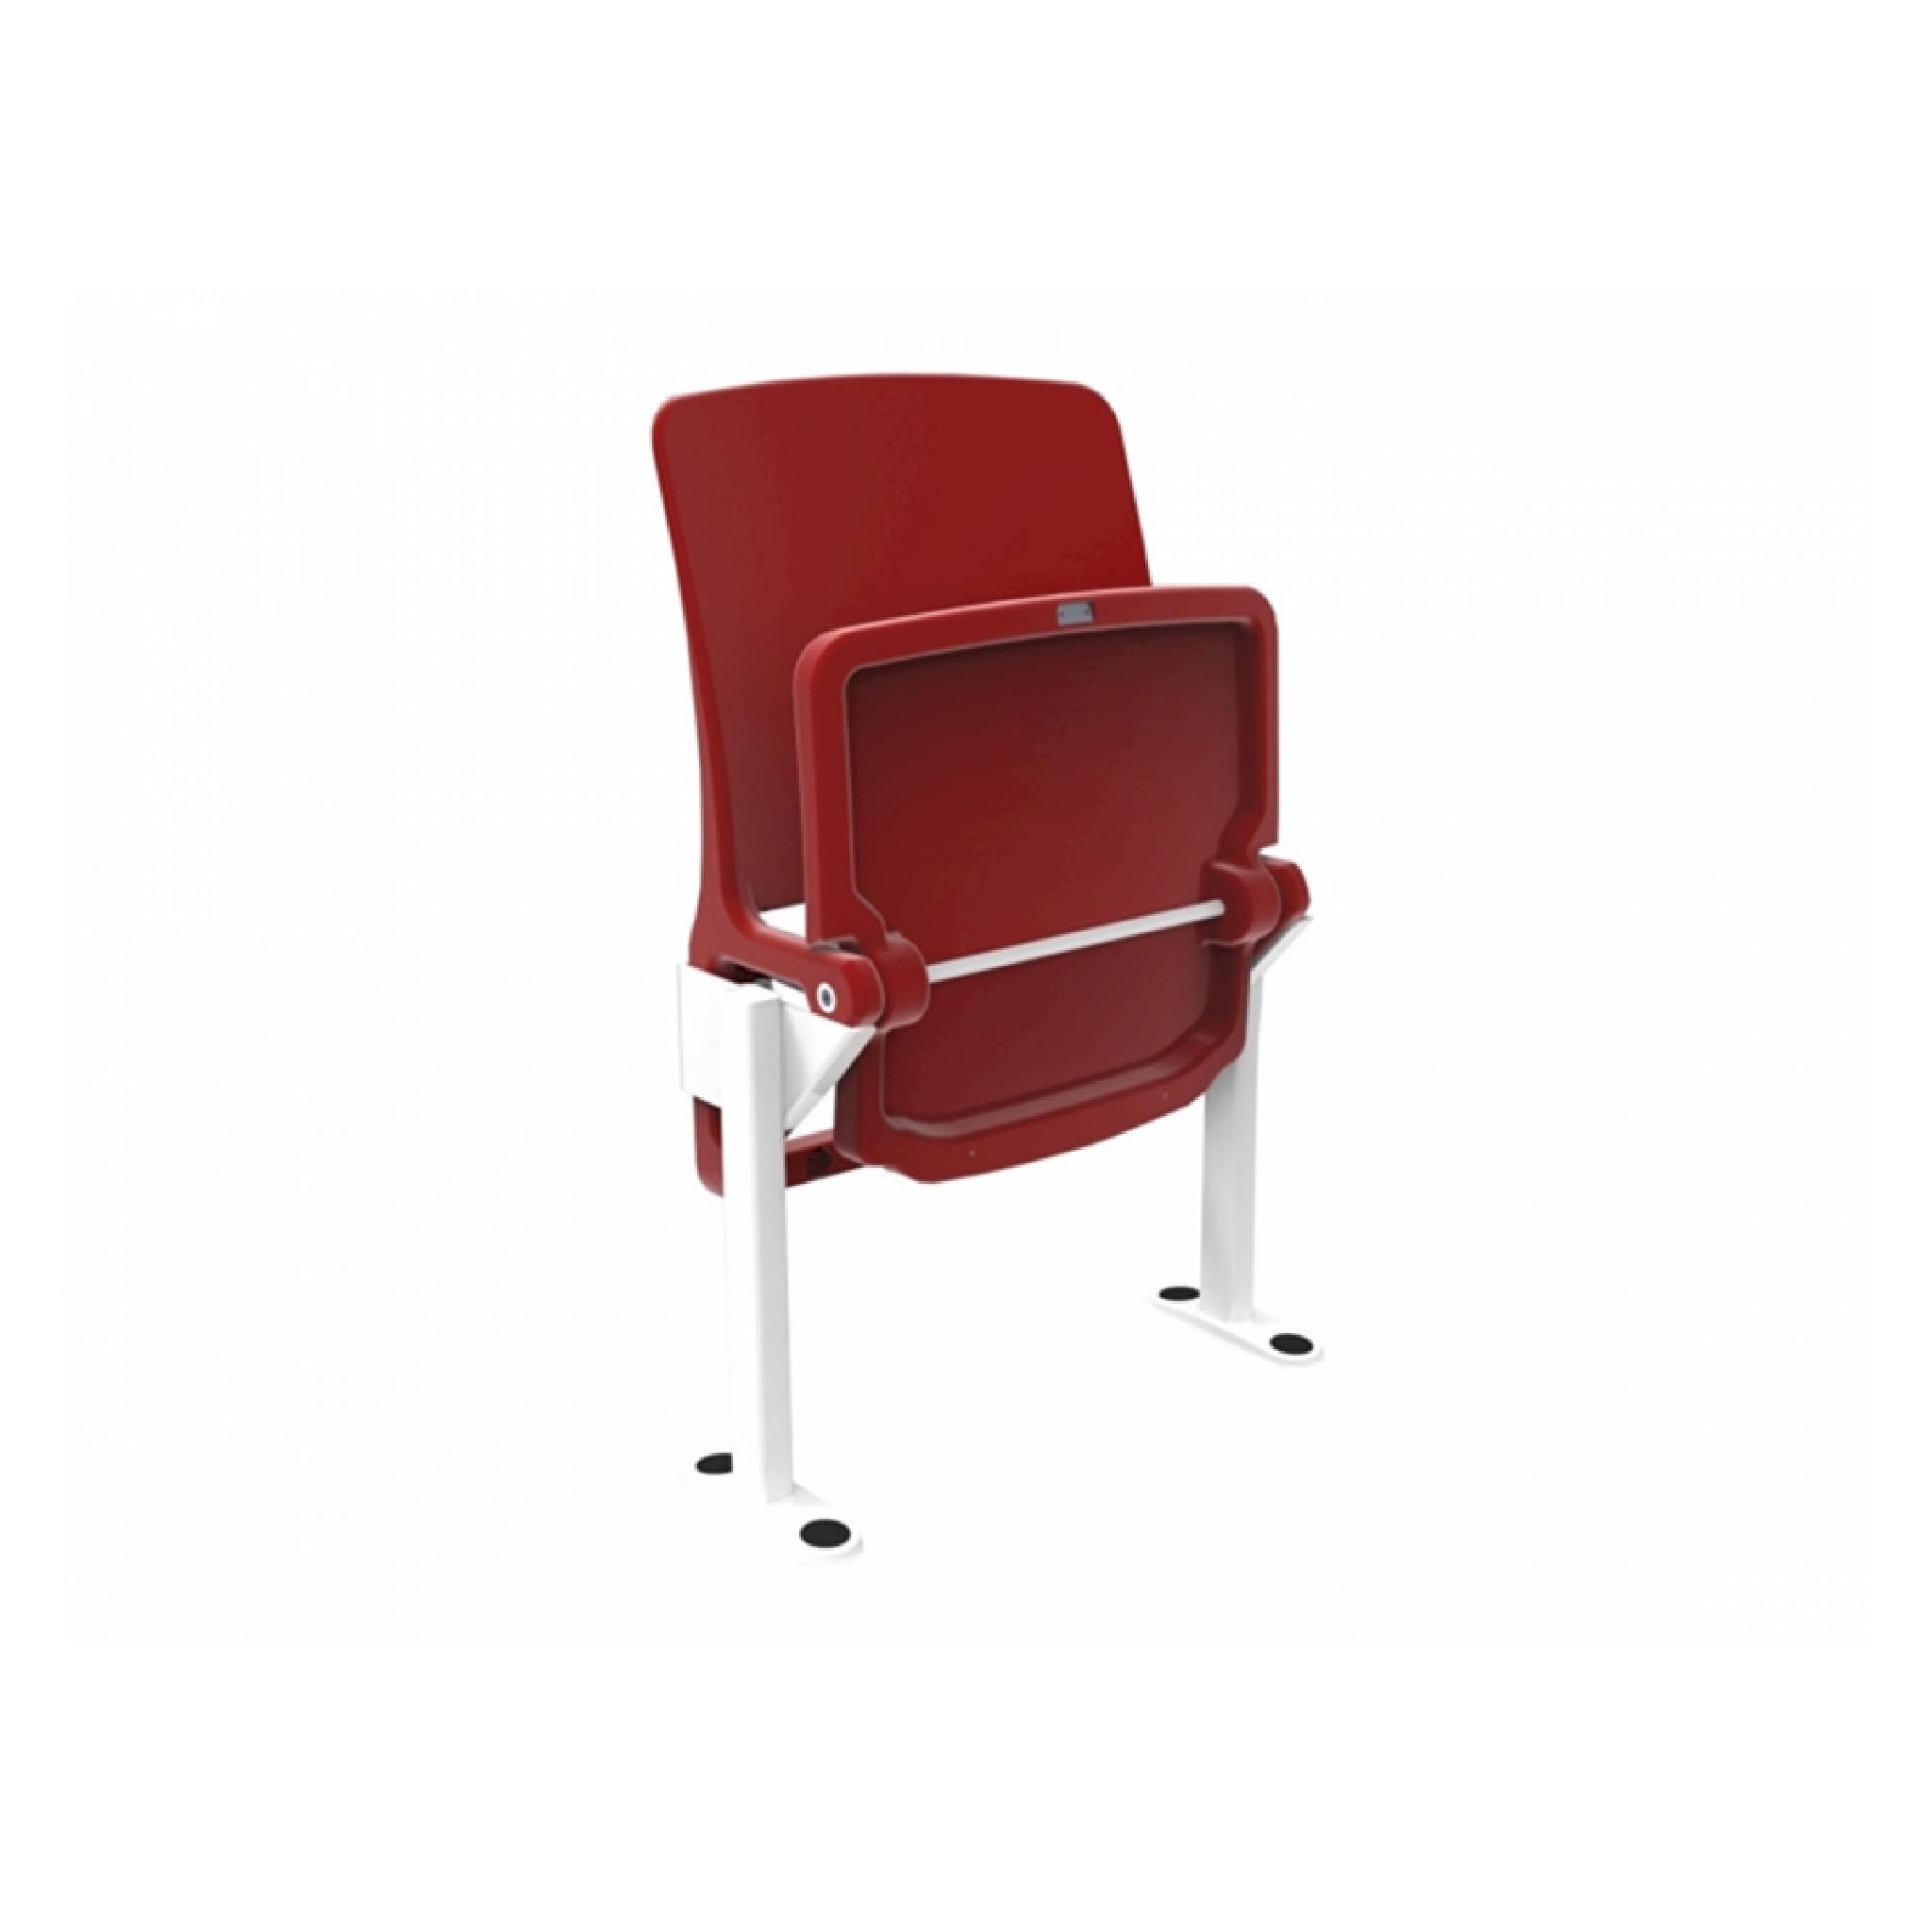 omega_tipup_stadium_chair_seatorium_06